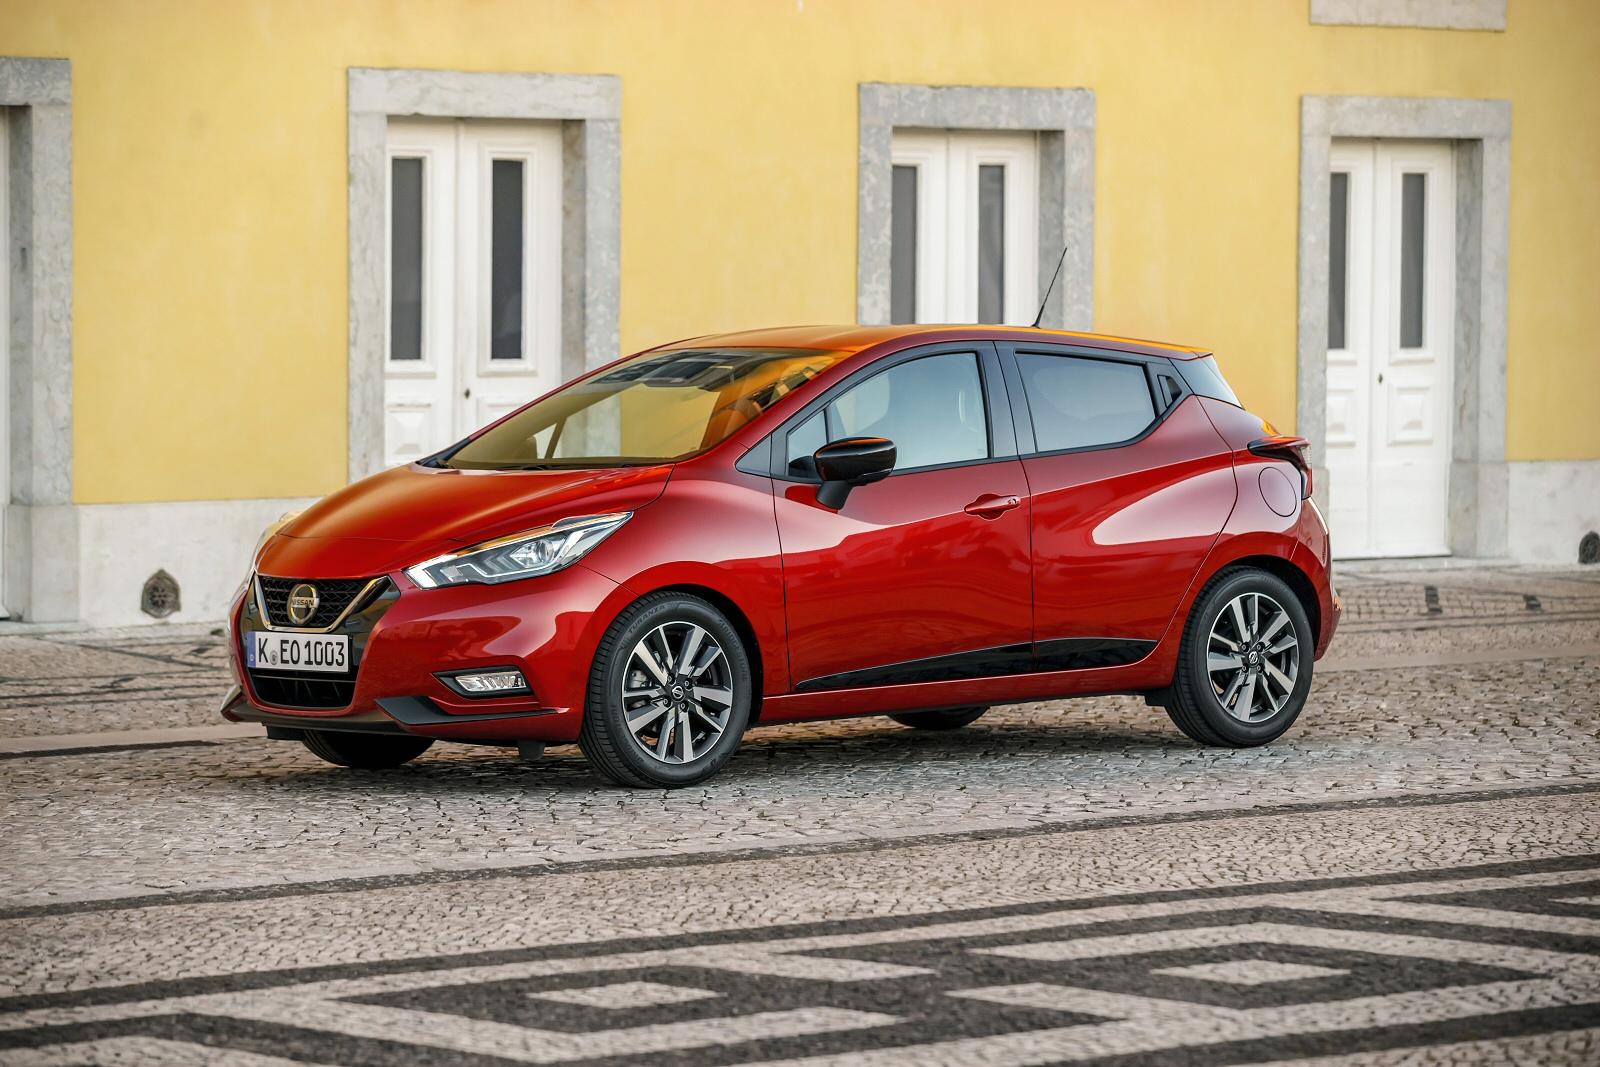 new nissan micra 1 0 ig t 100 n sport 5dr petrol hatchback. Black Bedroom Furniture Sets. Home Design Ideas